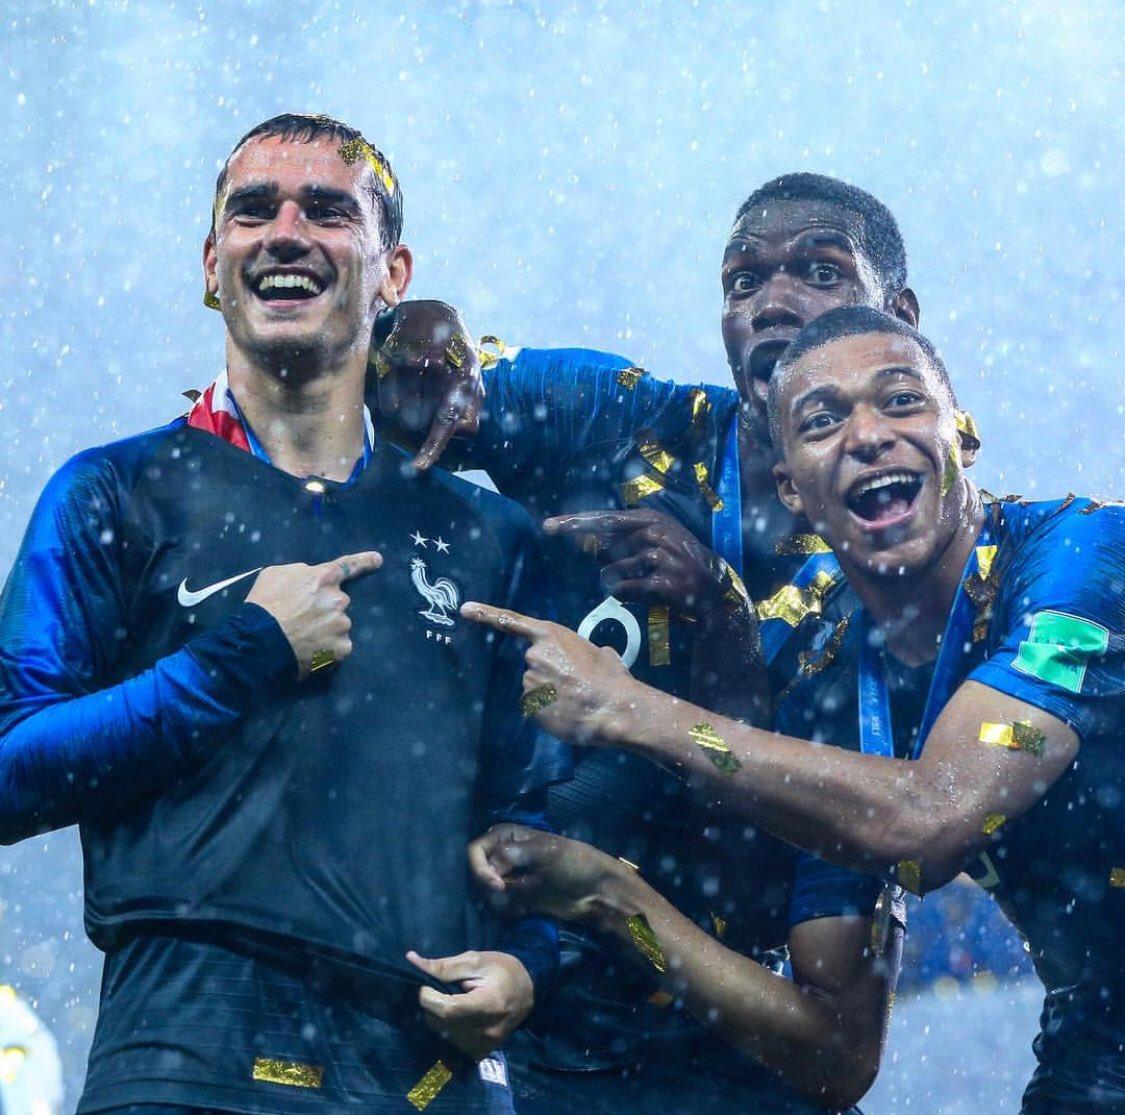 Klopp : ' La France avait les bons joueurs et la bonne tactique au Mondial. DD aurait pu les laisser courir, exciter toute la planète. Mais il a fait preuve d'une grande maturité. Le boulot d'un technicien, c'est d'utiliser les qualités de son équipe de la meilleure façon.' (FF)